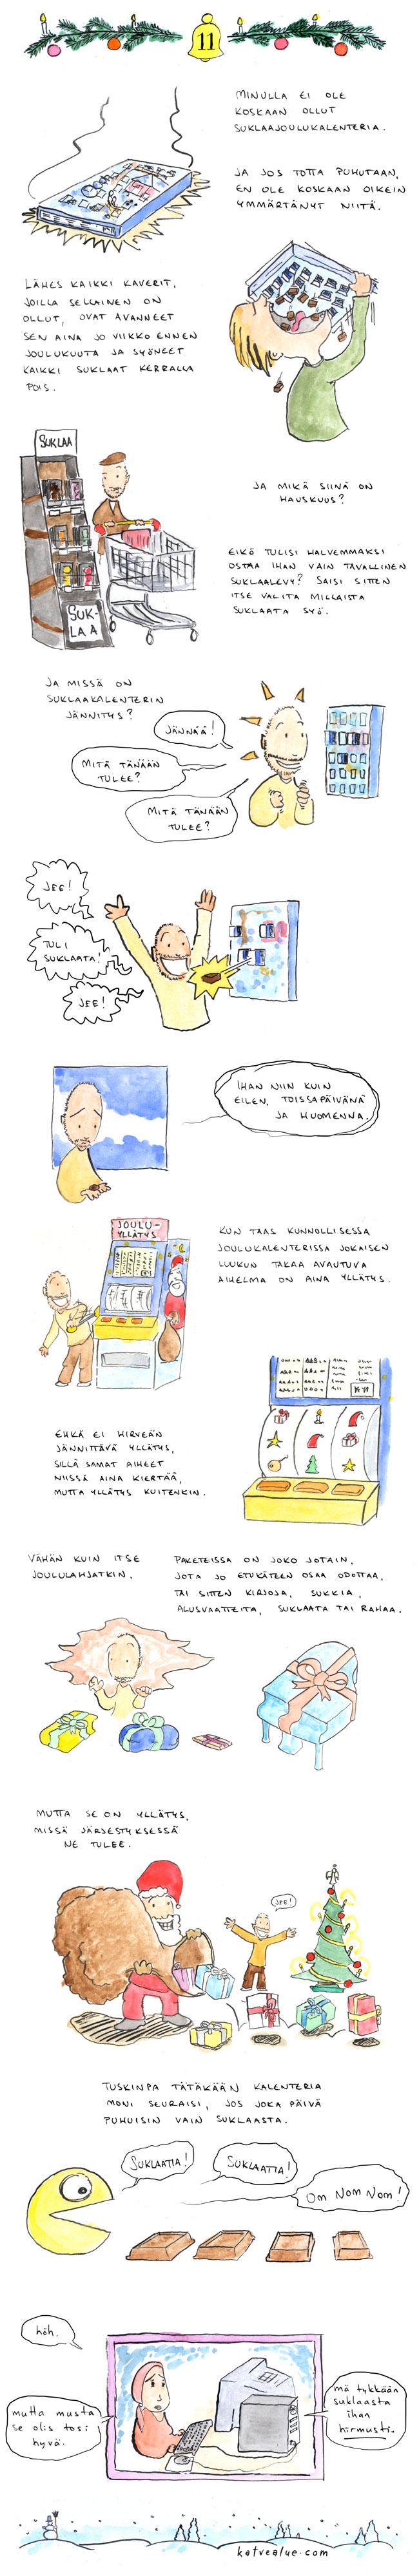 Joulu: Suklaakalenteri